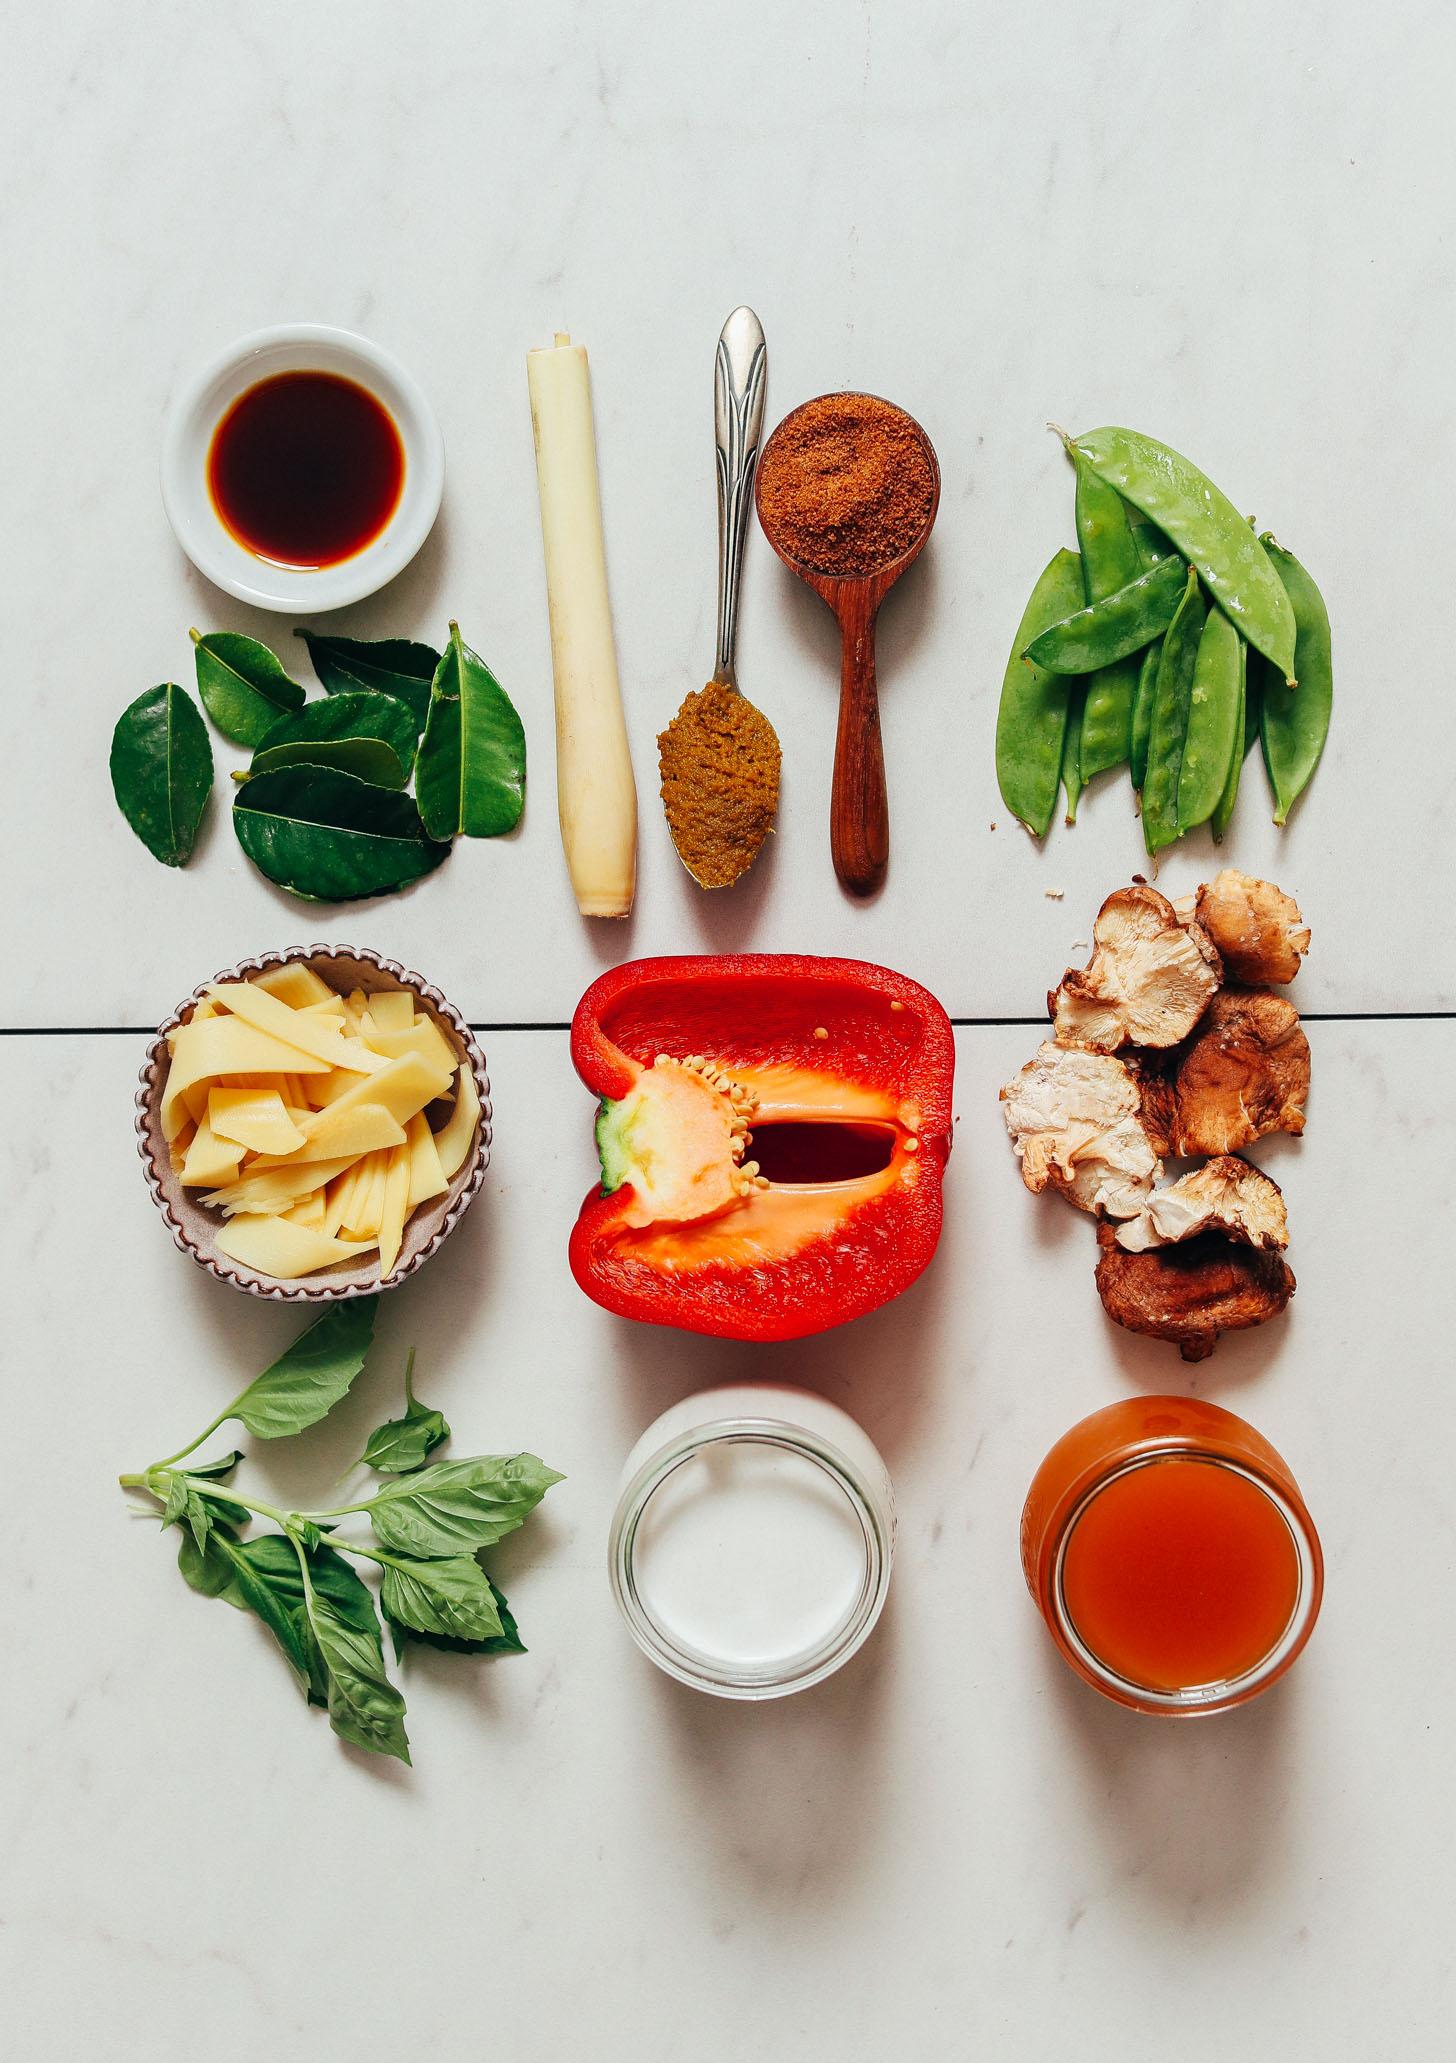 Aminos de noix de coco, feuilles de lime kaffir, citronnelle, pâte de curry vert, sucre de coco, pois mange-tout, champignons, bouillon de légumes, poivron, basilic et pousses de bambou